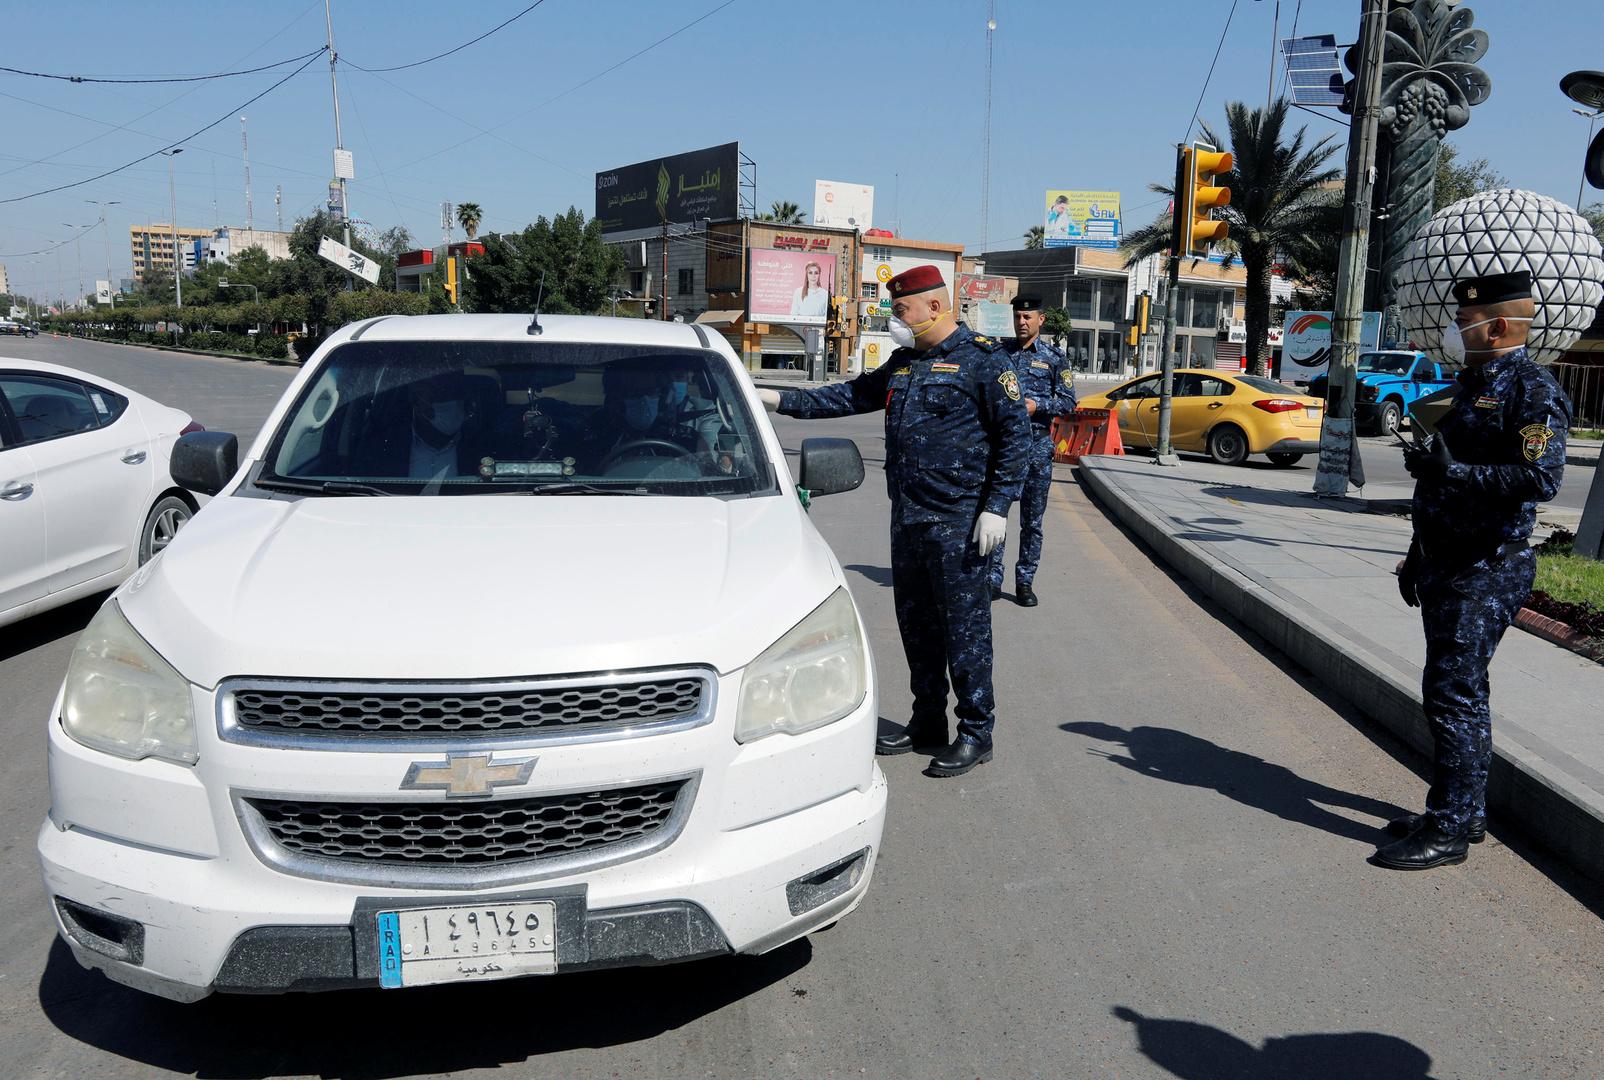 ضابط شرطة يراقب سيارة في بغداد